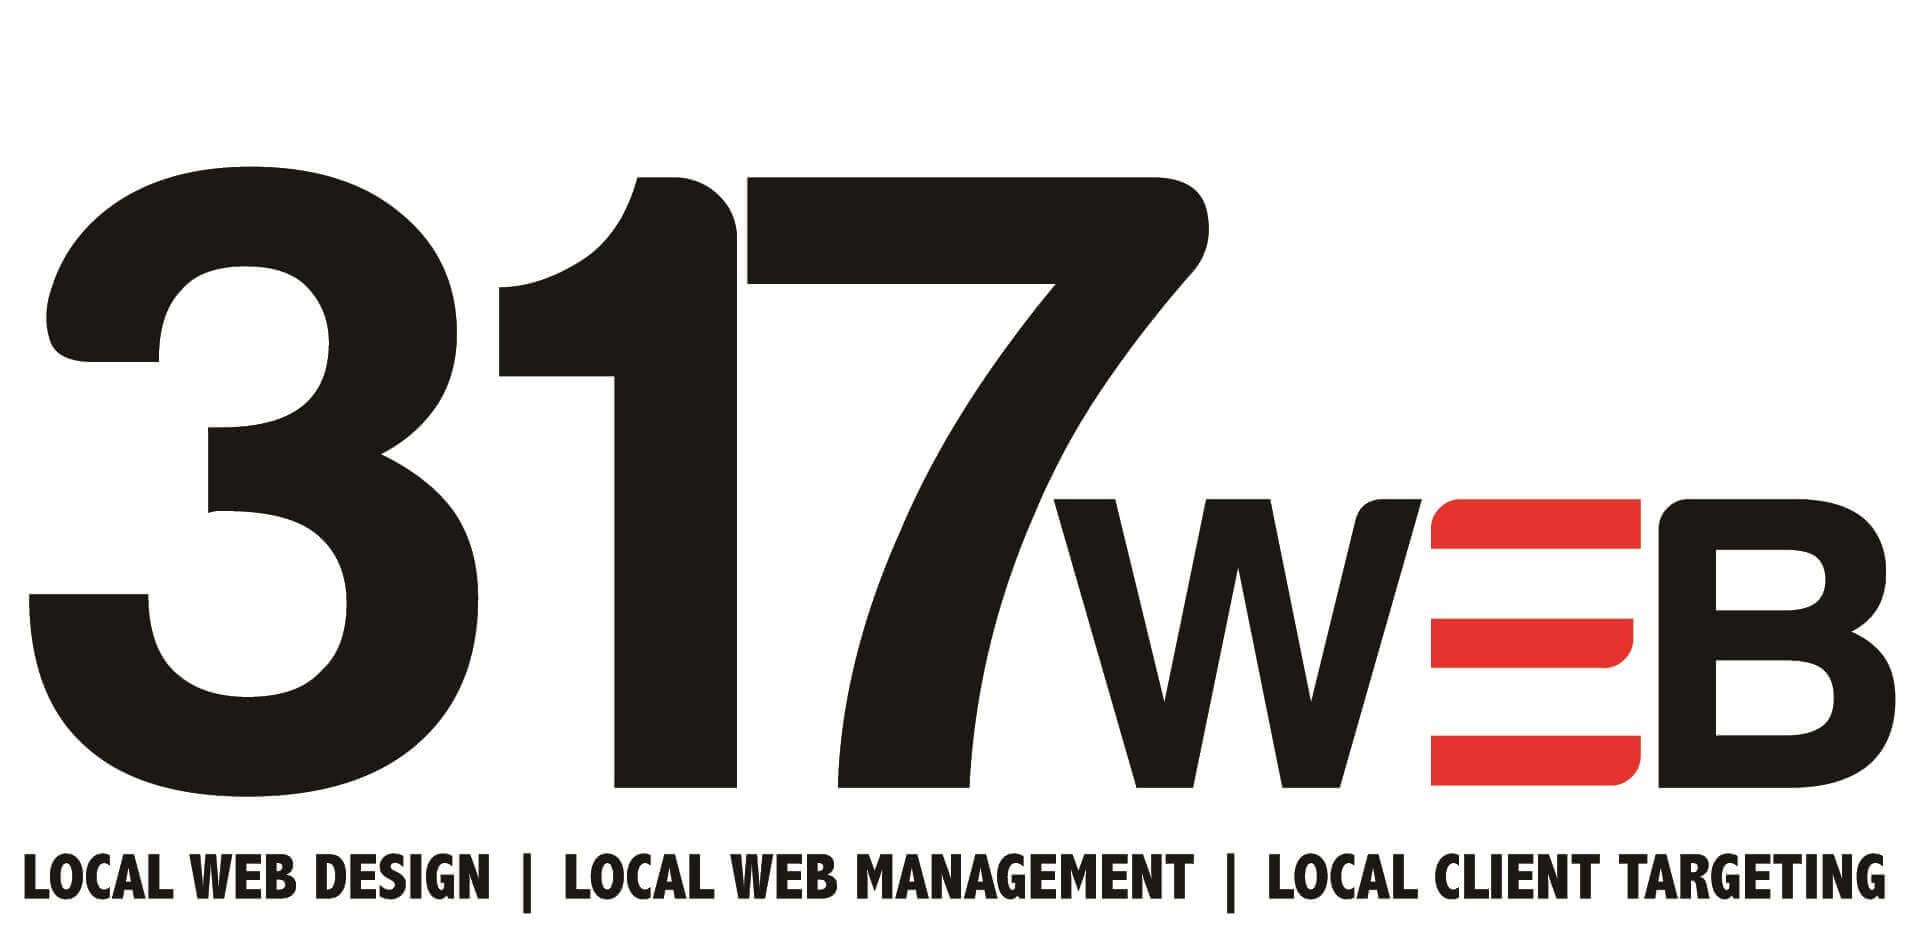 Web Design in Citrus County